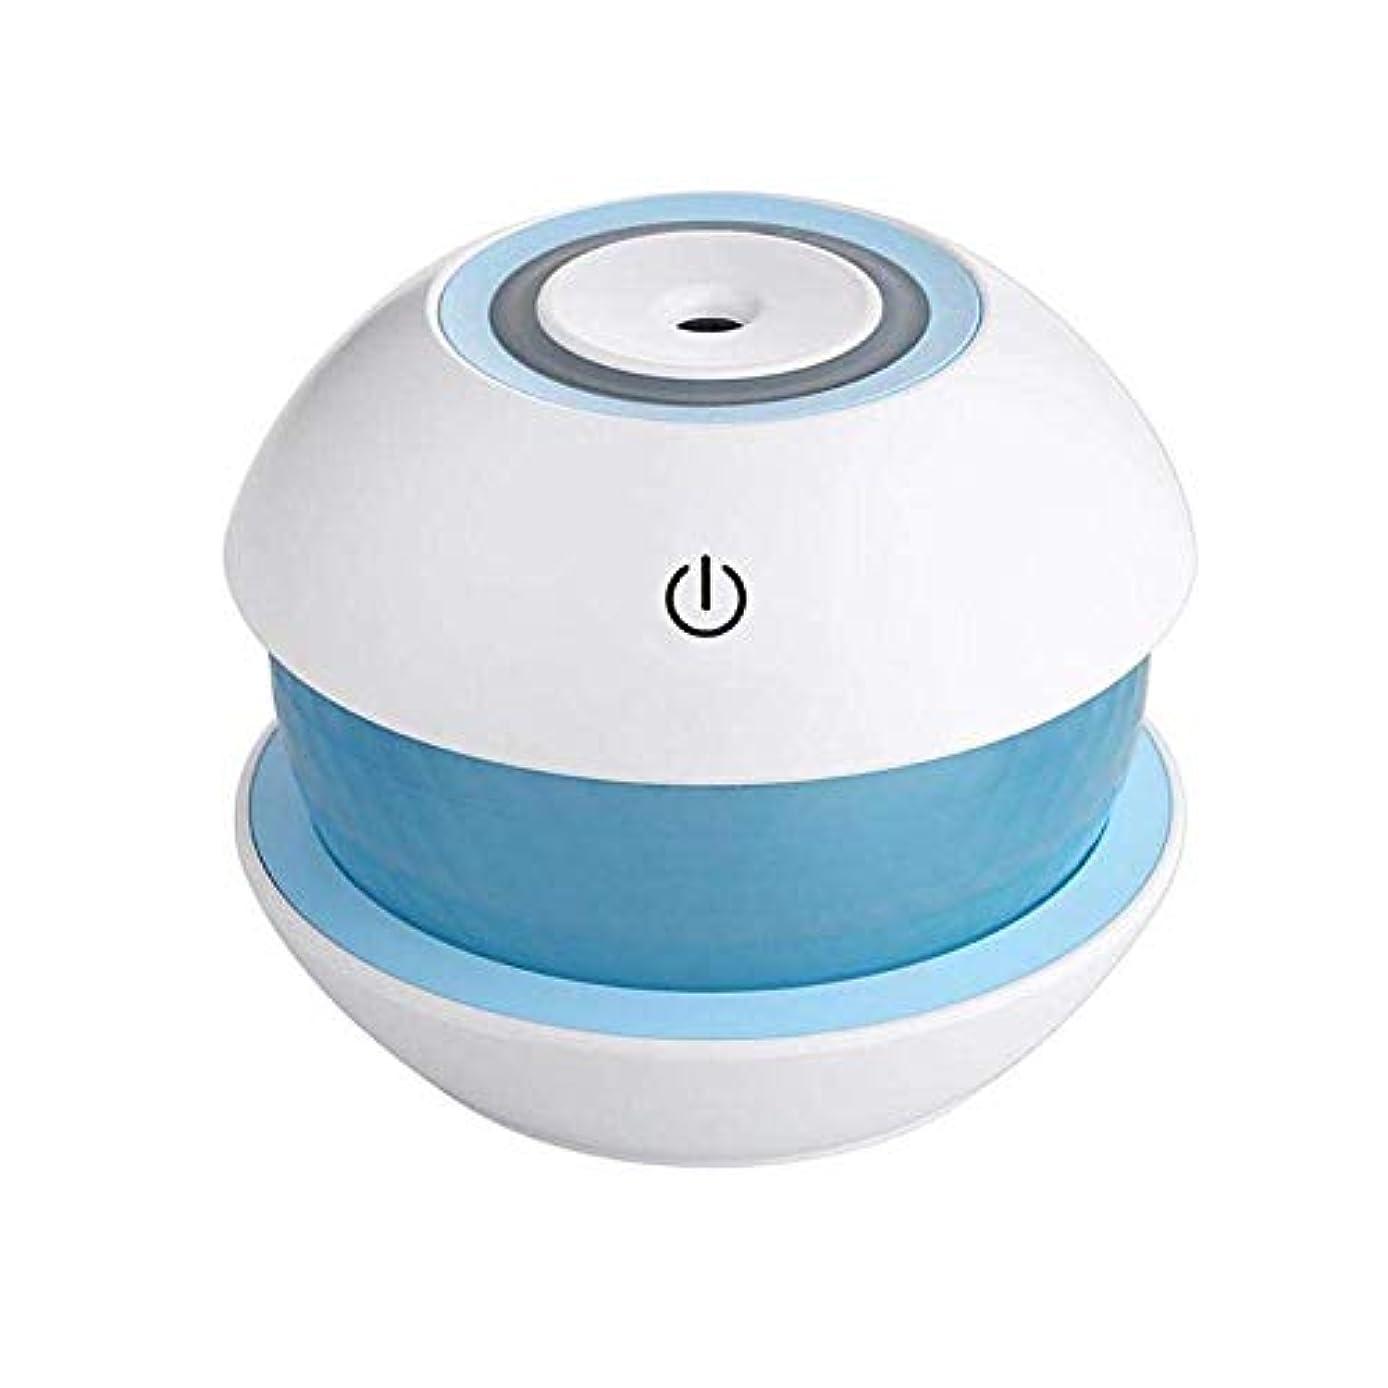 哀れな昇進南東SOTCE アロマディフューザー加湿器超音波霧化技術エッセンシャルオイル快適な雰囲気満足のいく解決策 (Color : Blue)